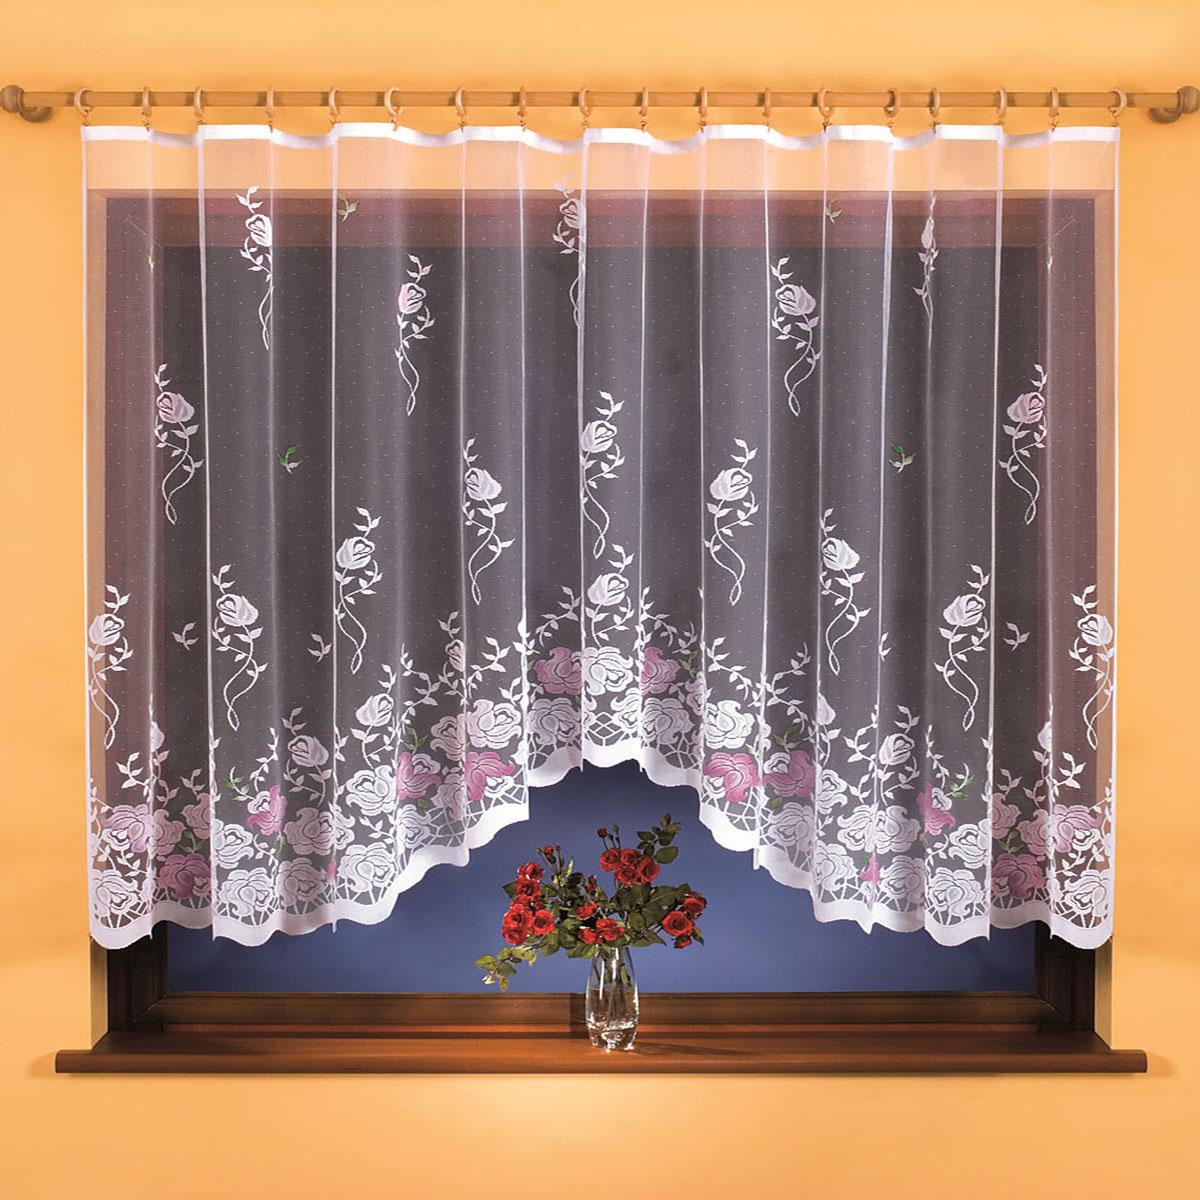 Гардина Wisan, цвет: белый, ширина 300 см, высота 150 см. 97019701вид крепления - под зажимы для штор Размеры: ширина 300*высота 150